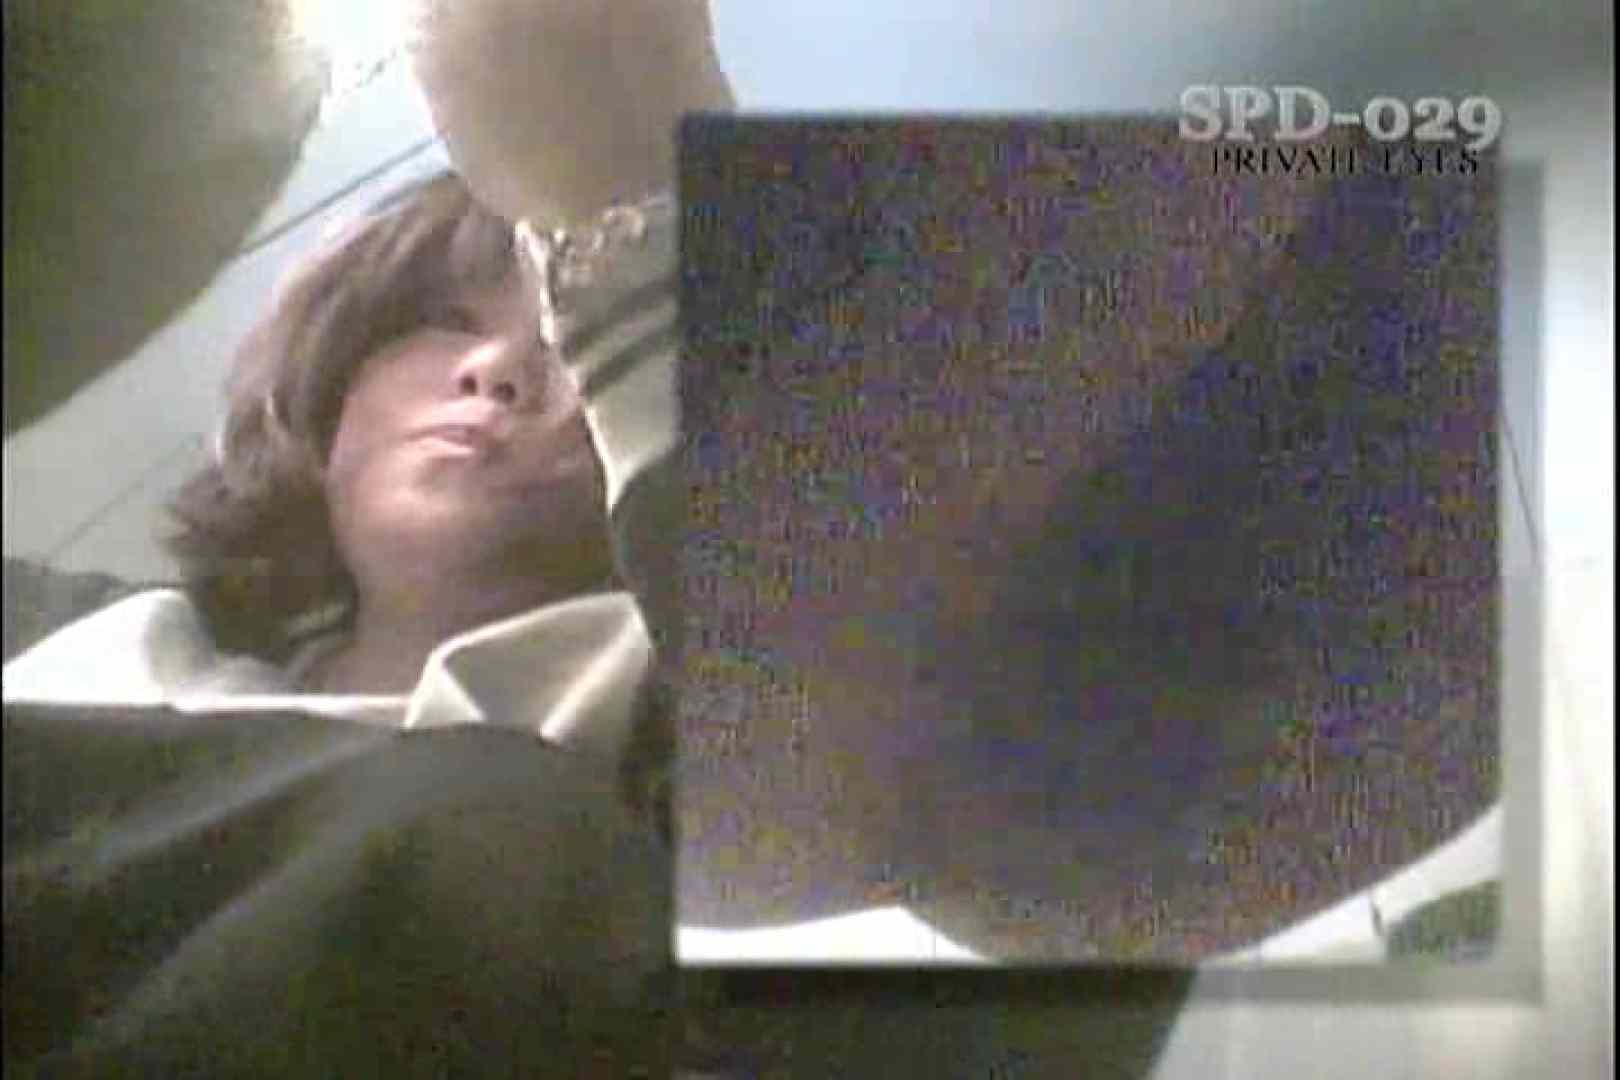 高画質版!SPD-029 和式厠 モリモリスペシャル 名作映像 オマンコ無修正動画無料 87PIX 54